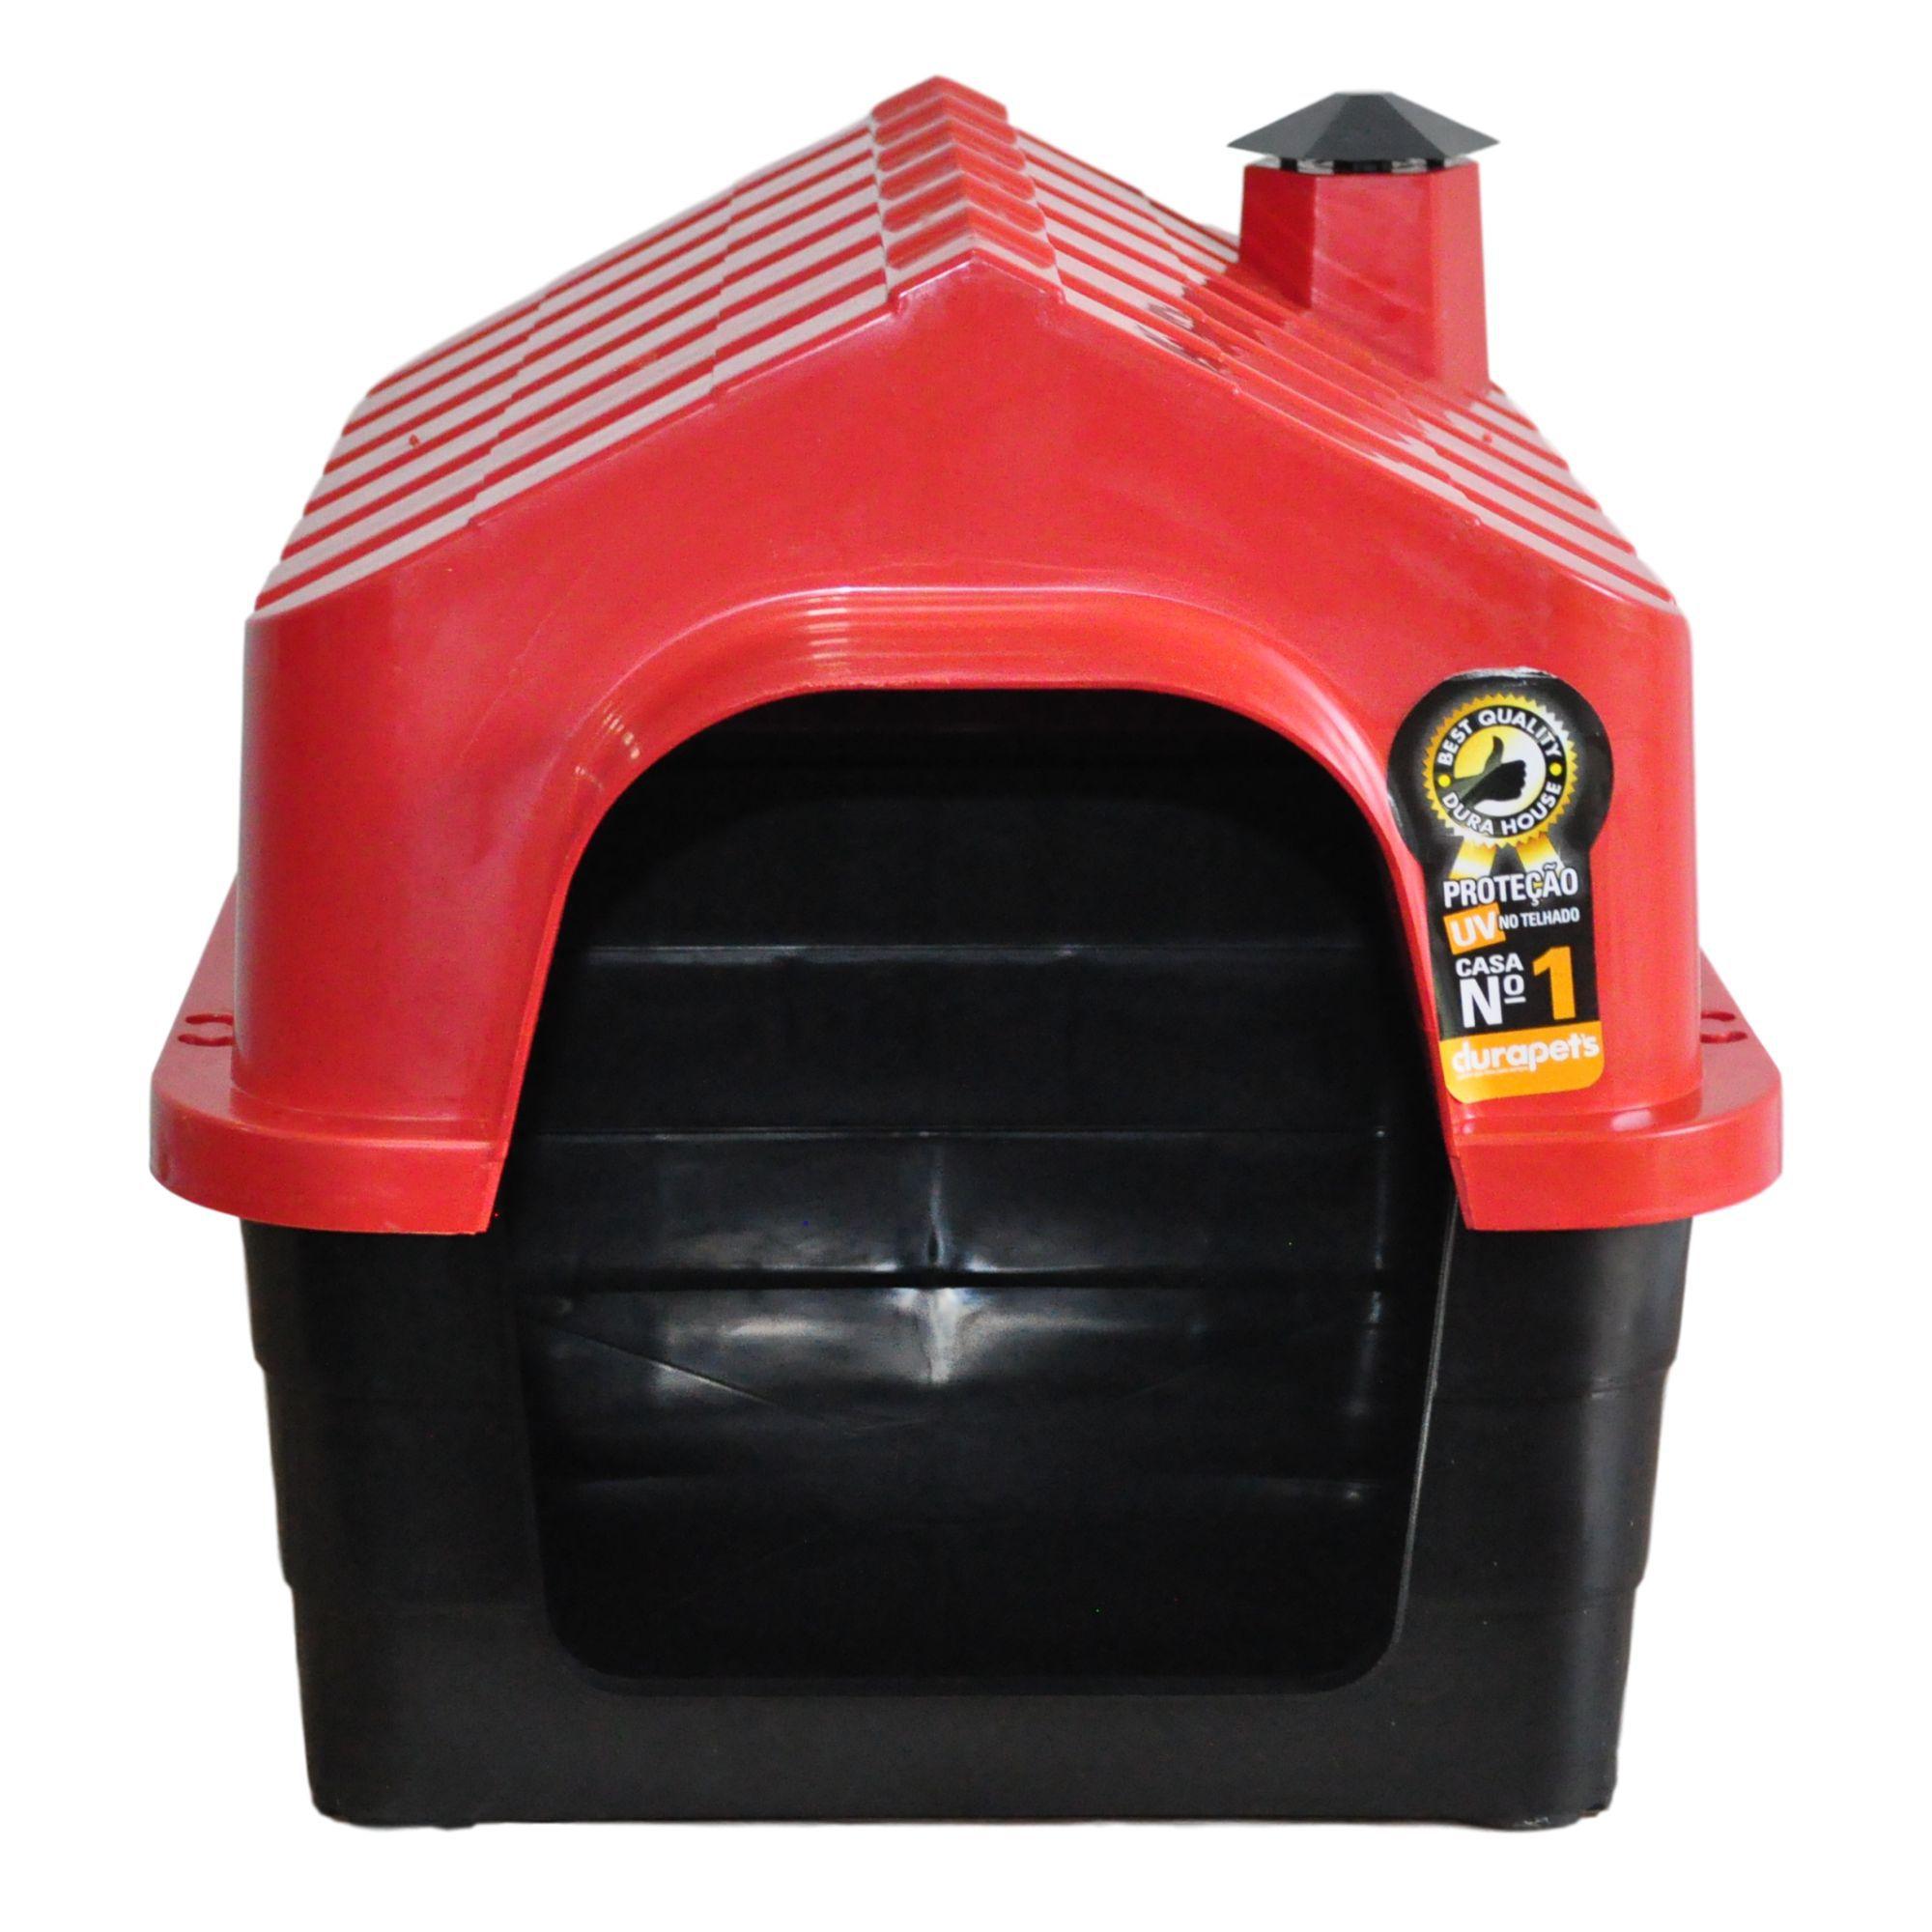 Casinha de Plástico Para Cachorro DuraHouse DuraPets Nº 5